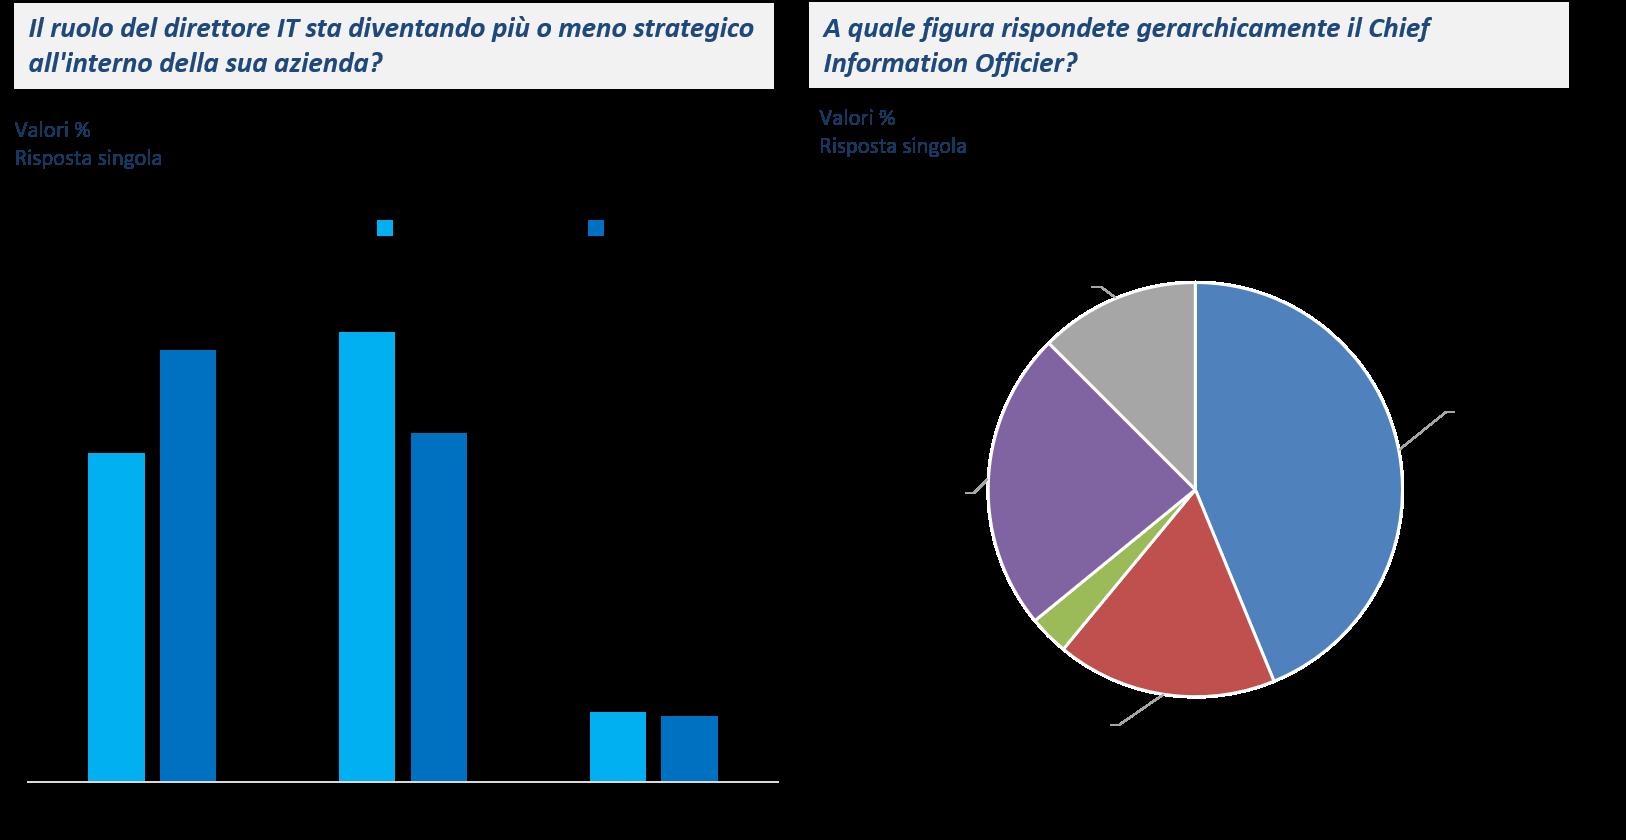 Un CIO sempre più strategico e che dialoga con il vertice aziendale - Fonte: NetConsulting cube, CIO Survey 2018